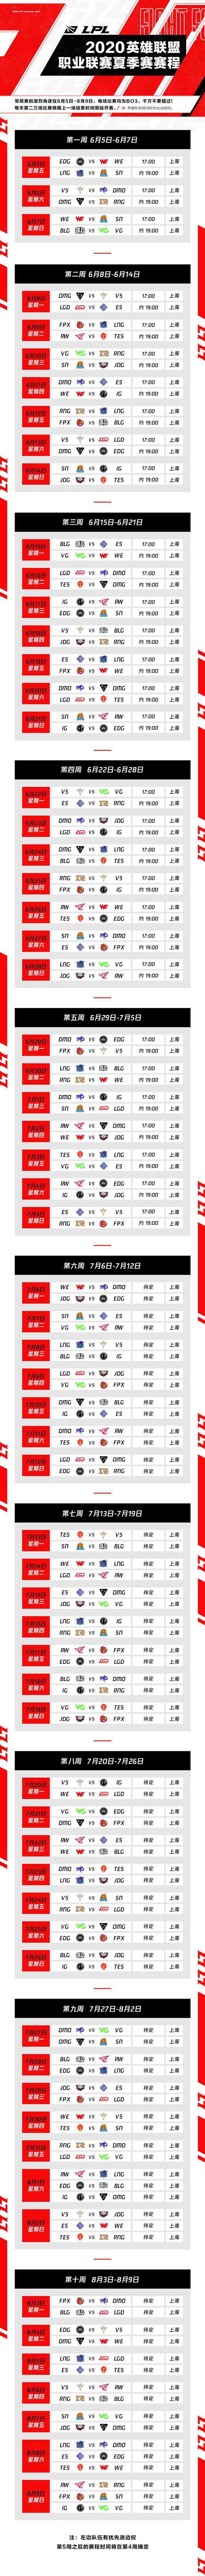 《【煜星平台官网】2020LPL夏季赛赛程公布 LPL推出全新LOGO》